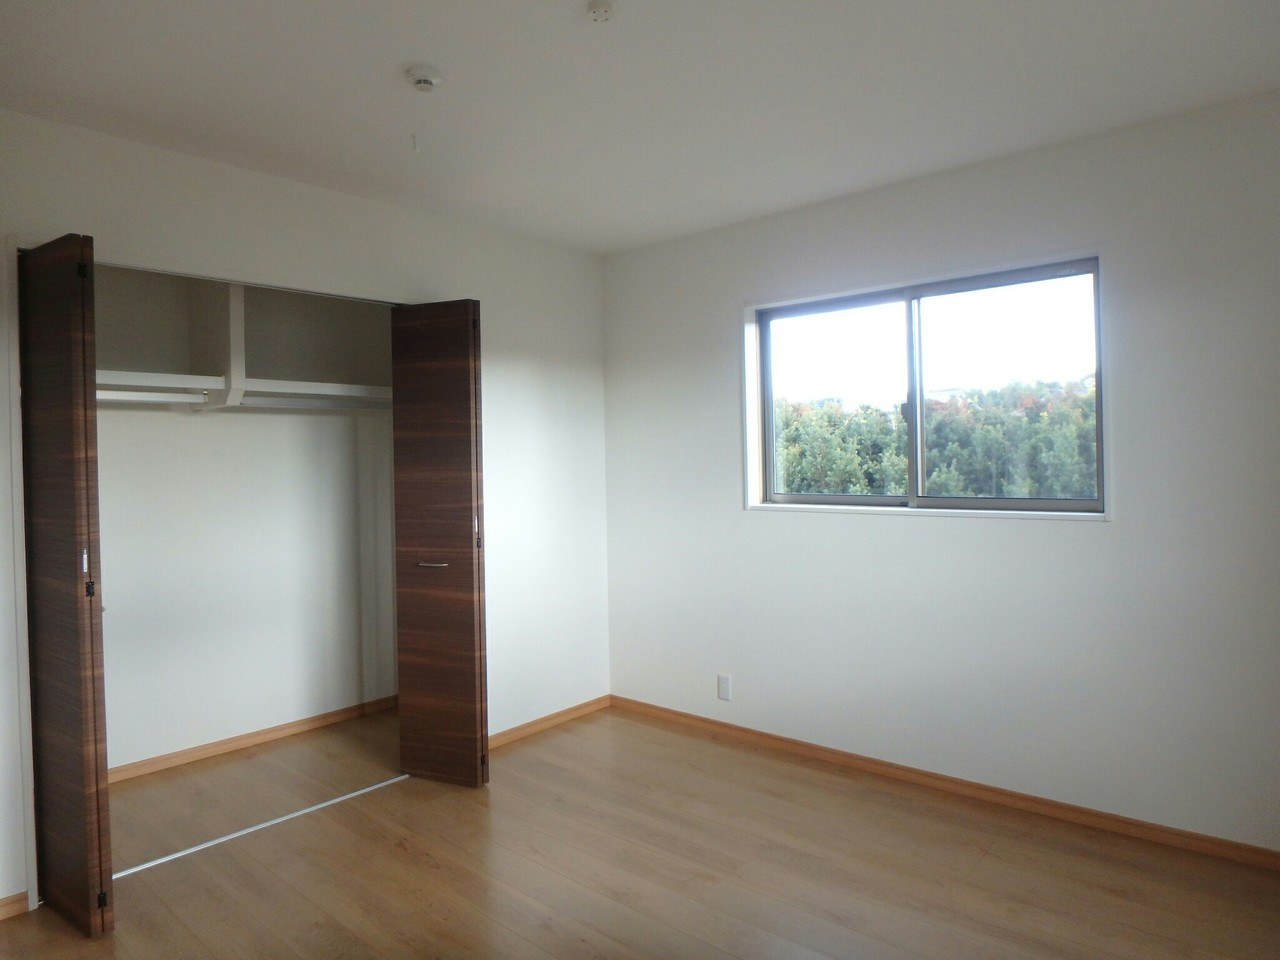 大きな収納スペースが付いているのですっきりと空間を使えます。窓が沢山あるので採光・風通しも良好。